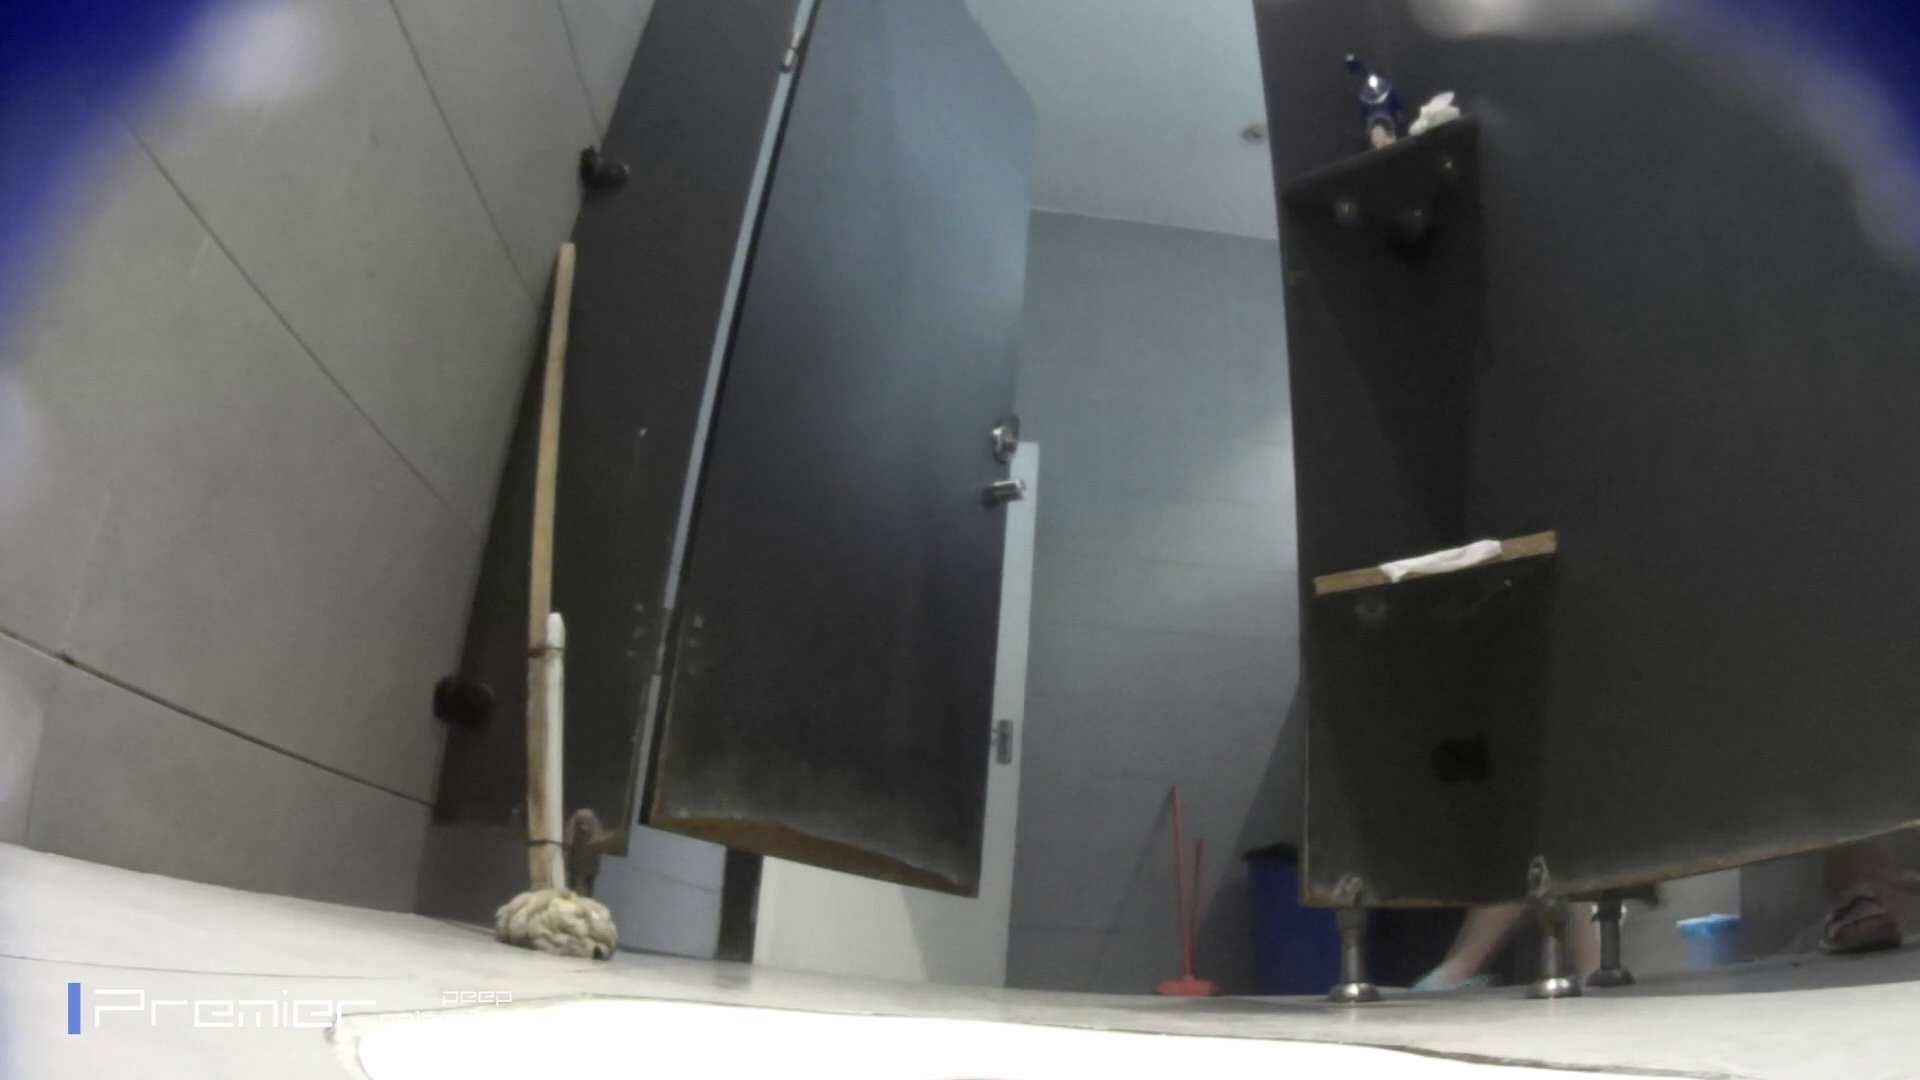 トイレットペーパーを握りしめ個室に入る乙女 大学休憩時間の洗面所事情83 美女 | トイレ盗撮  98pic 1